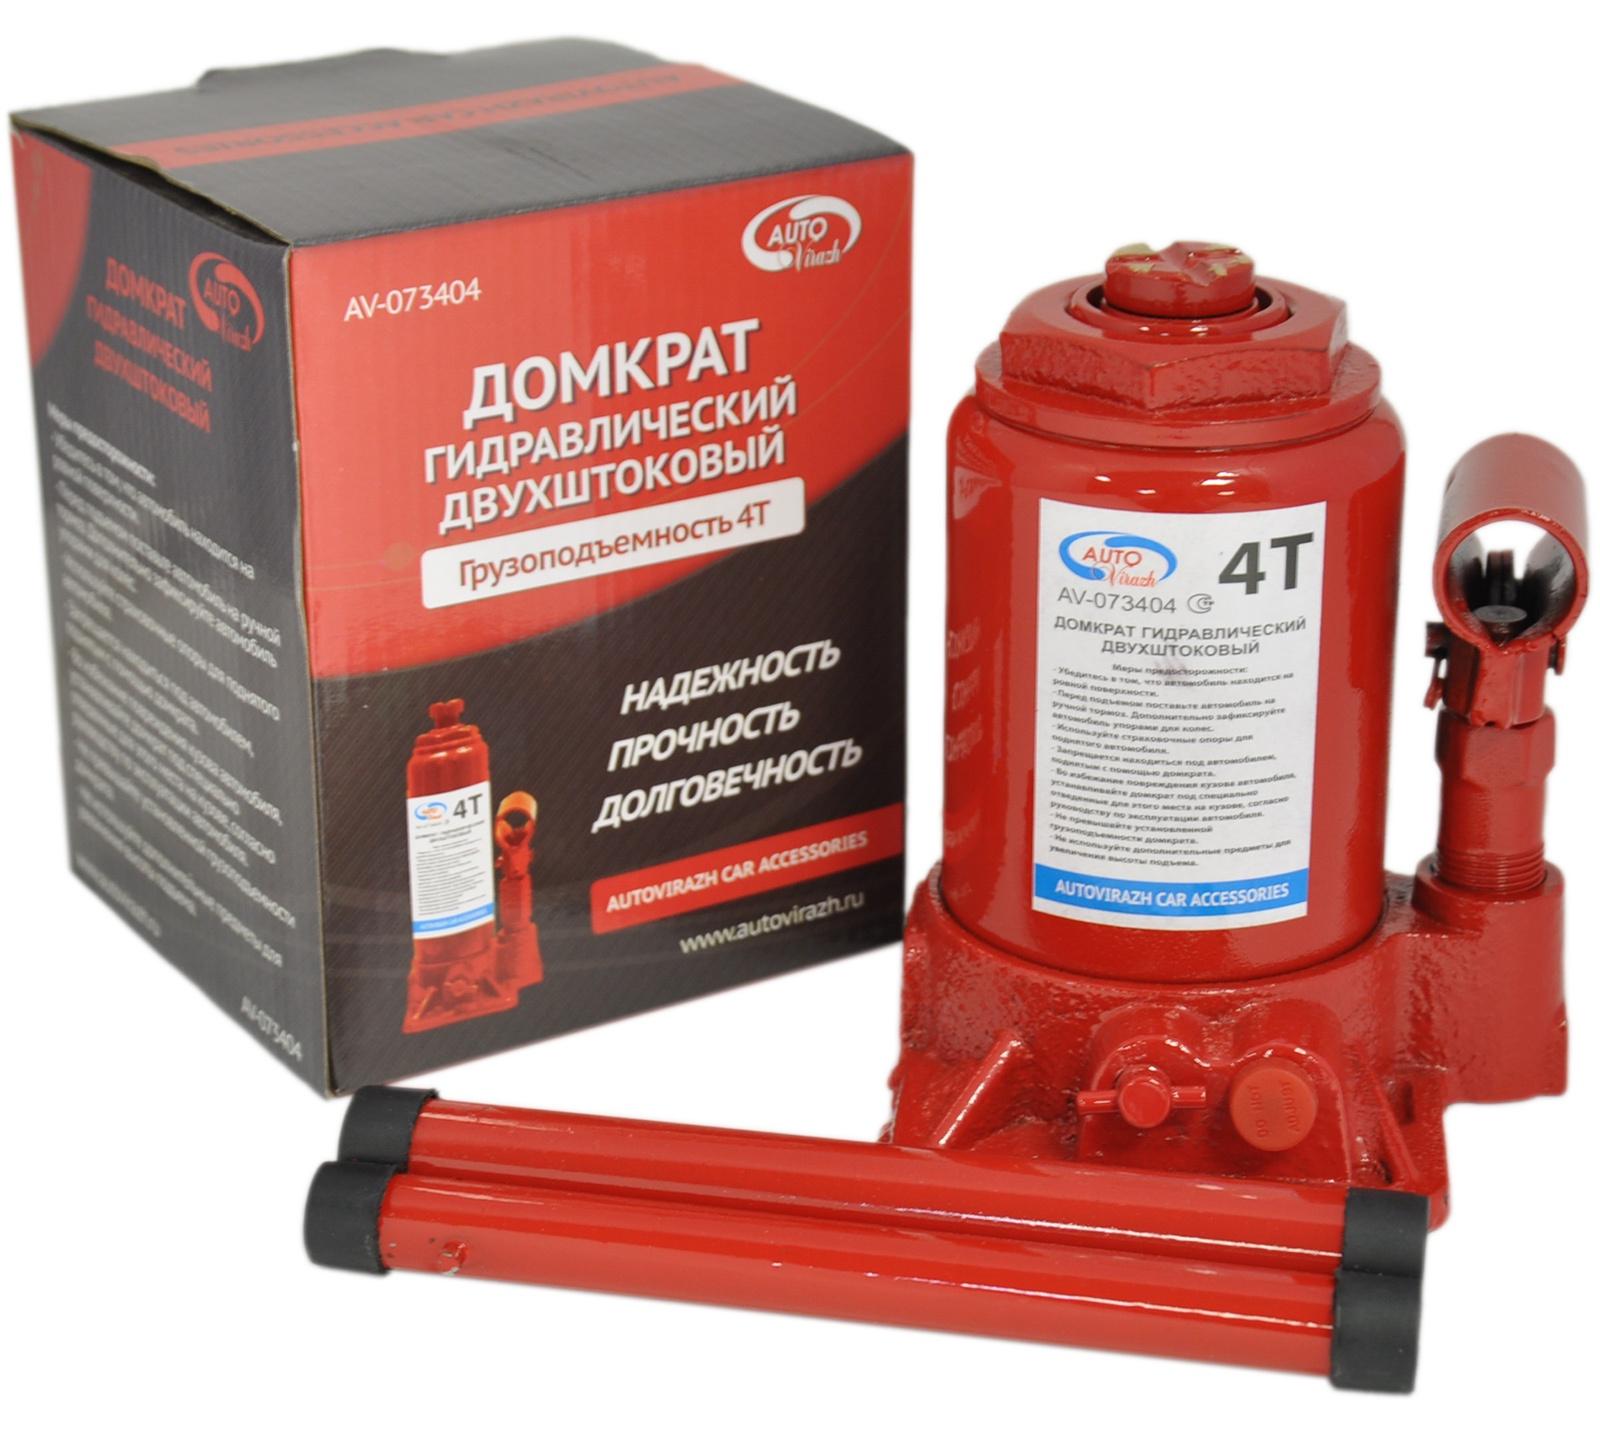 Домкрат гидравлический 4 т бутылочный в коробке 2-х штоковый AUTOVIRAZH (красный), шт